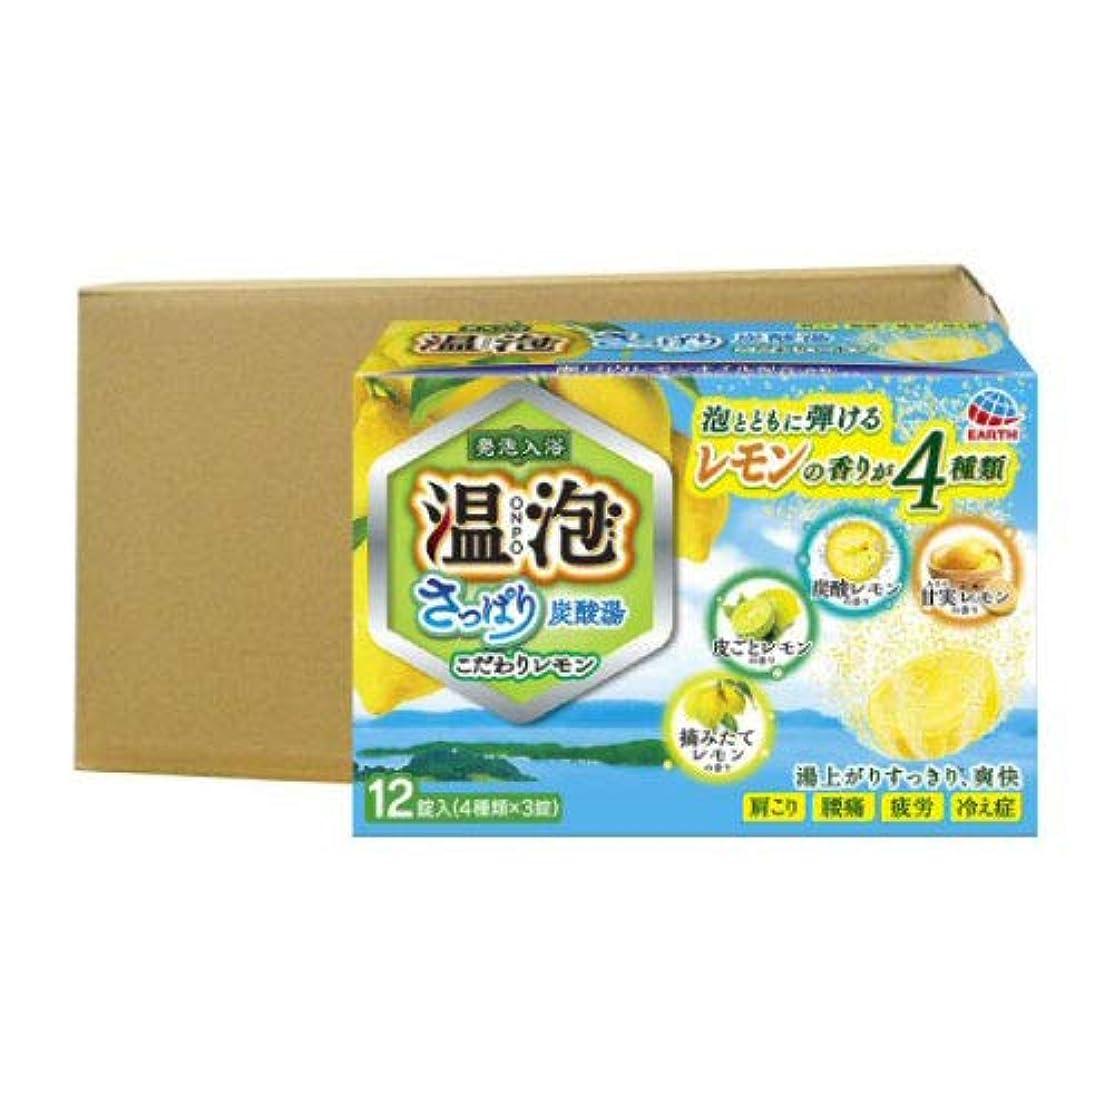 突然の技術的な能力温泡 ONPO さっぱり炭酸湯 こだわりレモン 12錠入〈4種×3錠〉×16個